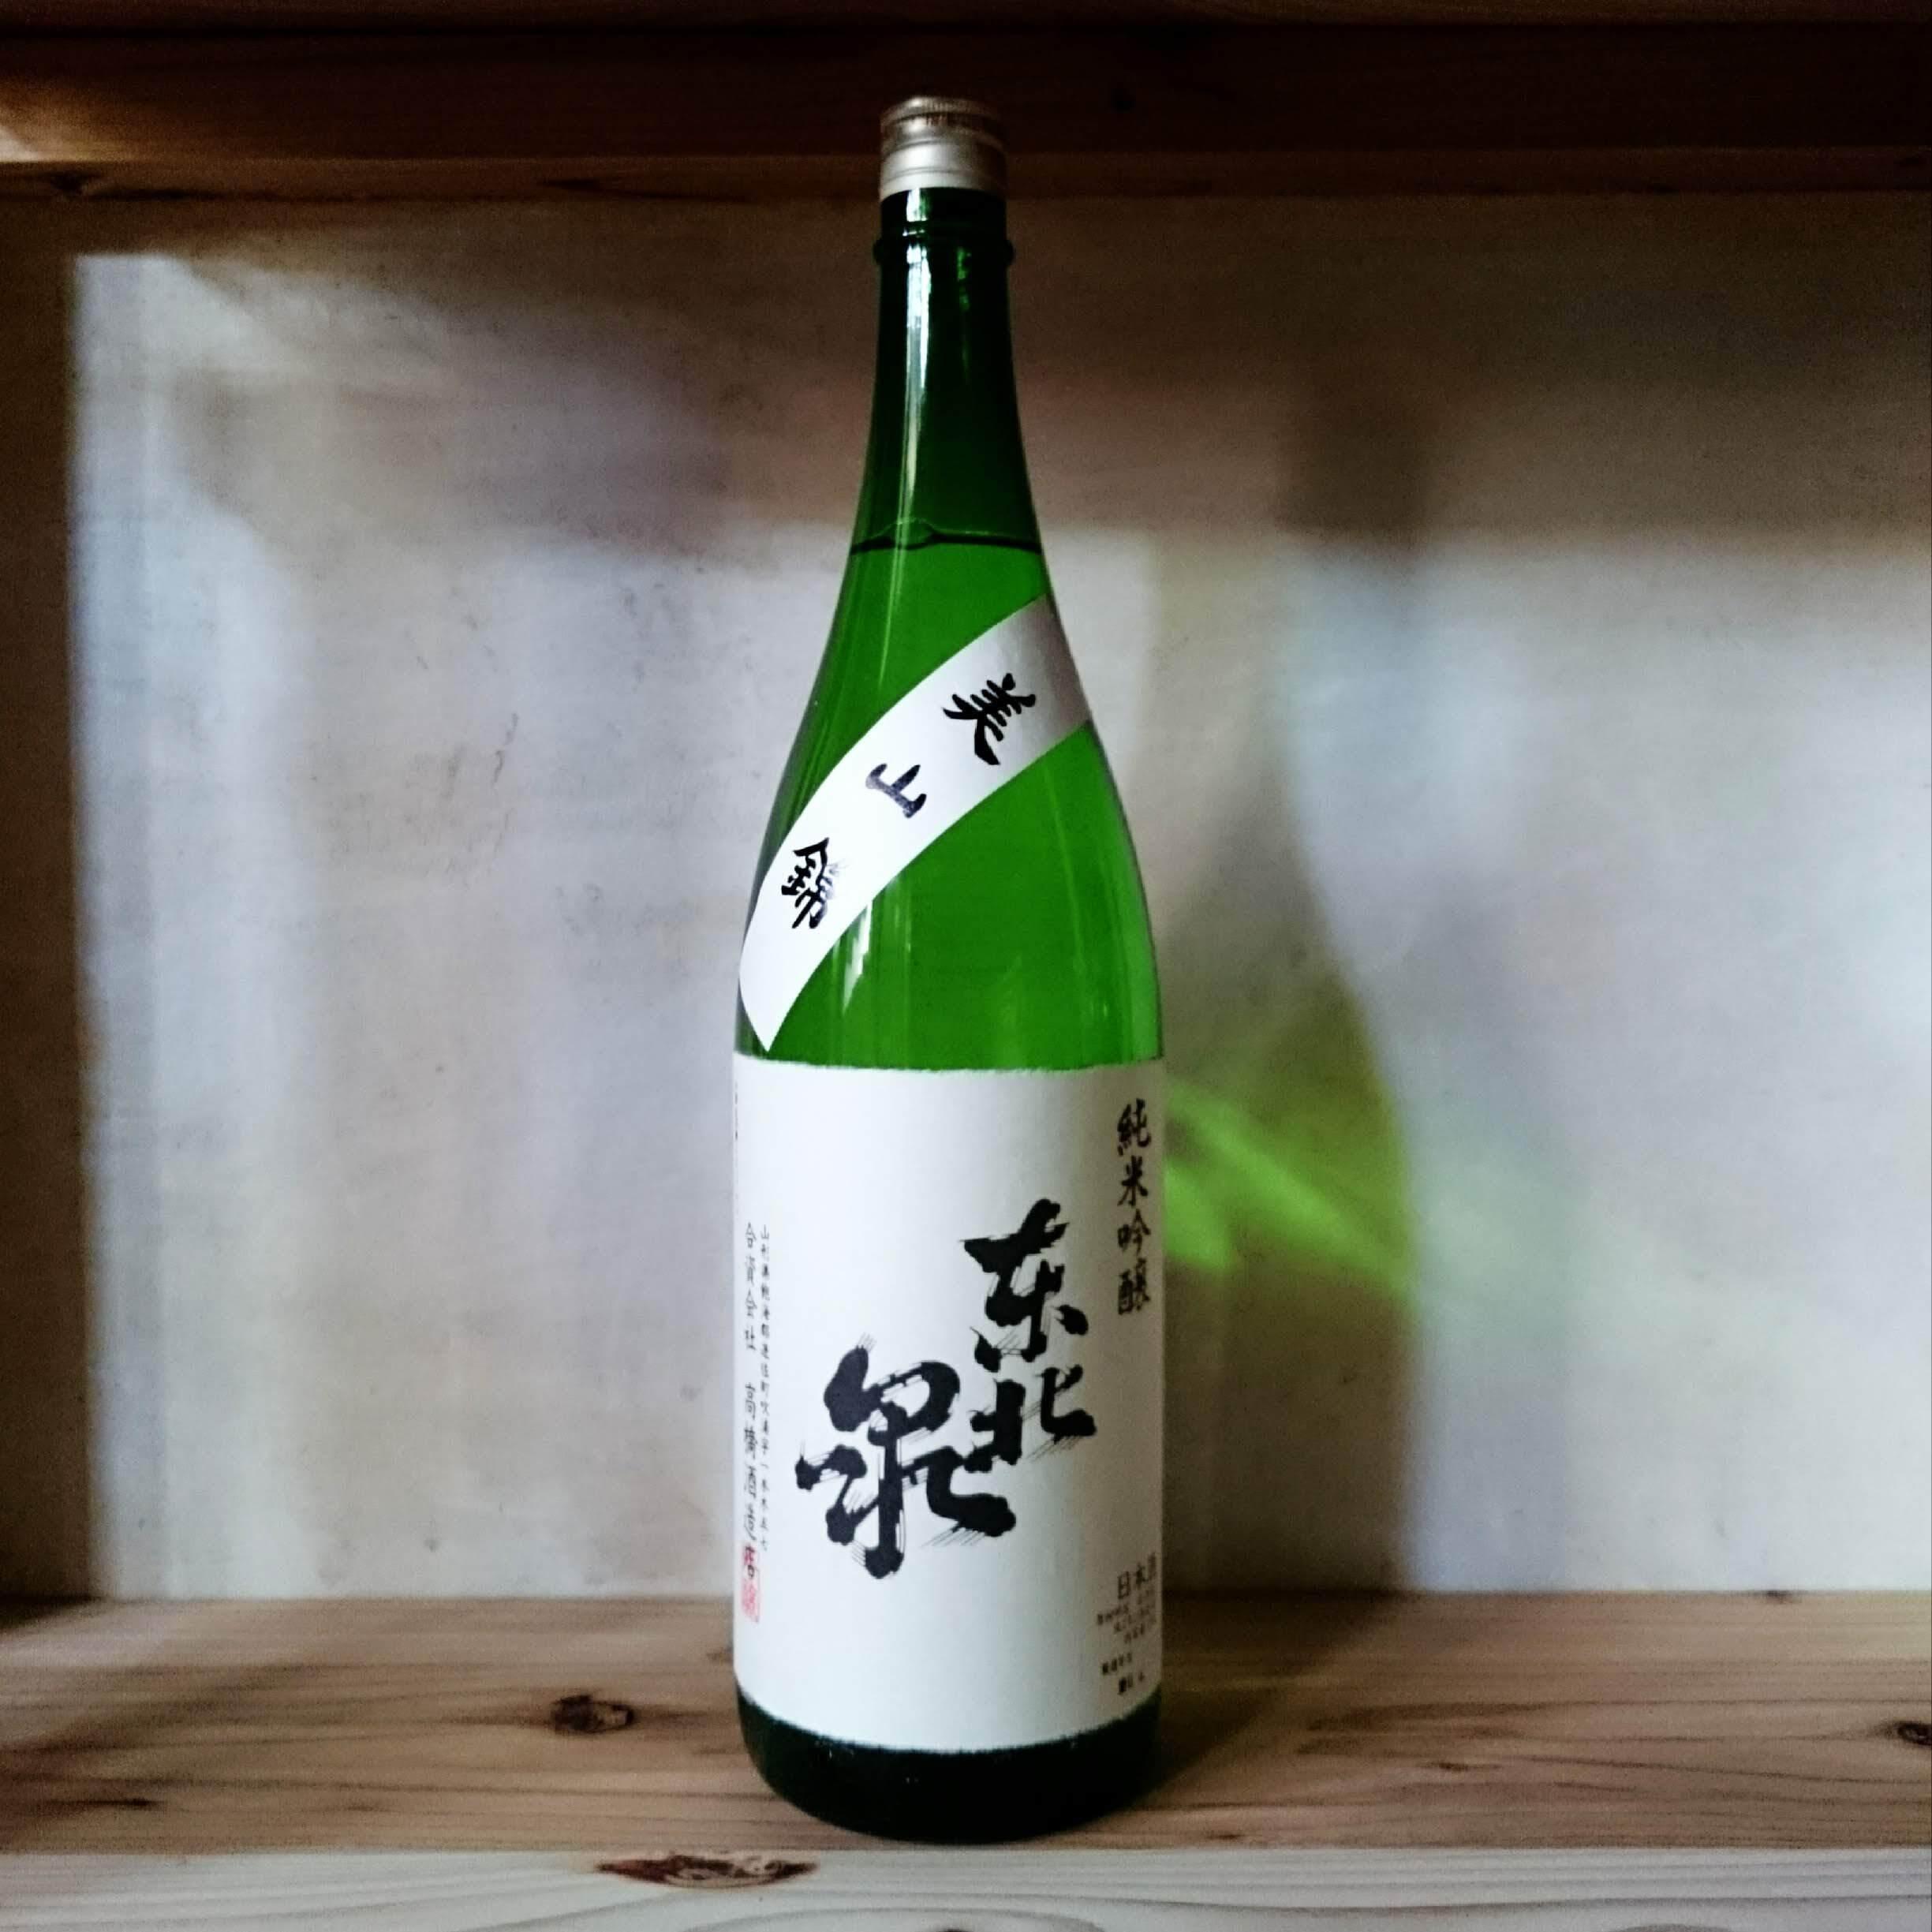 東北泉 純米吟醸 美山錦 1.8L